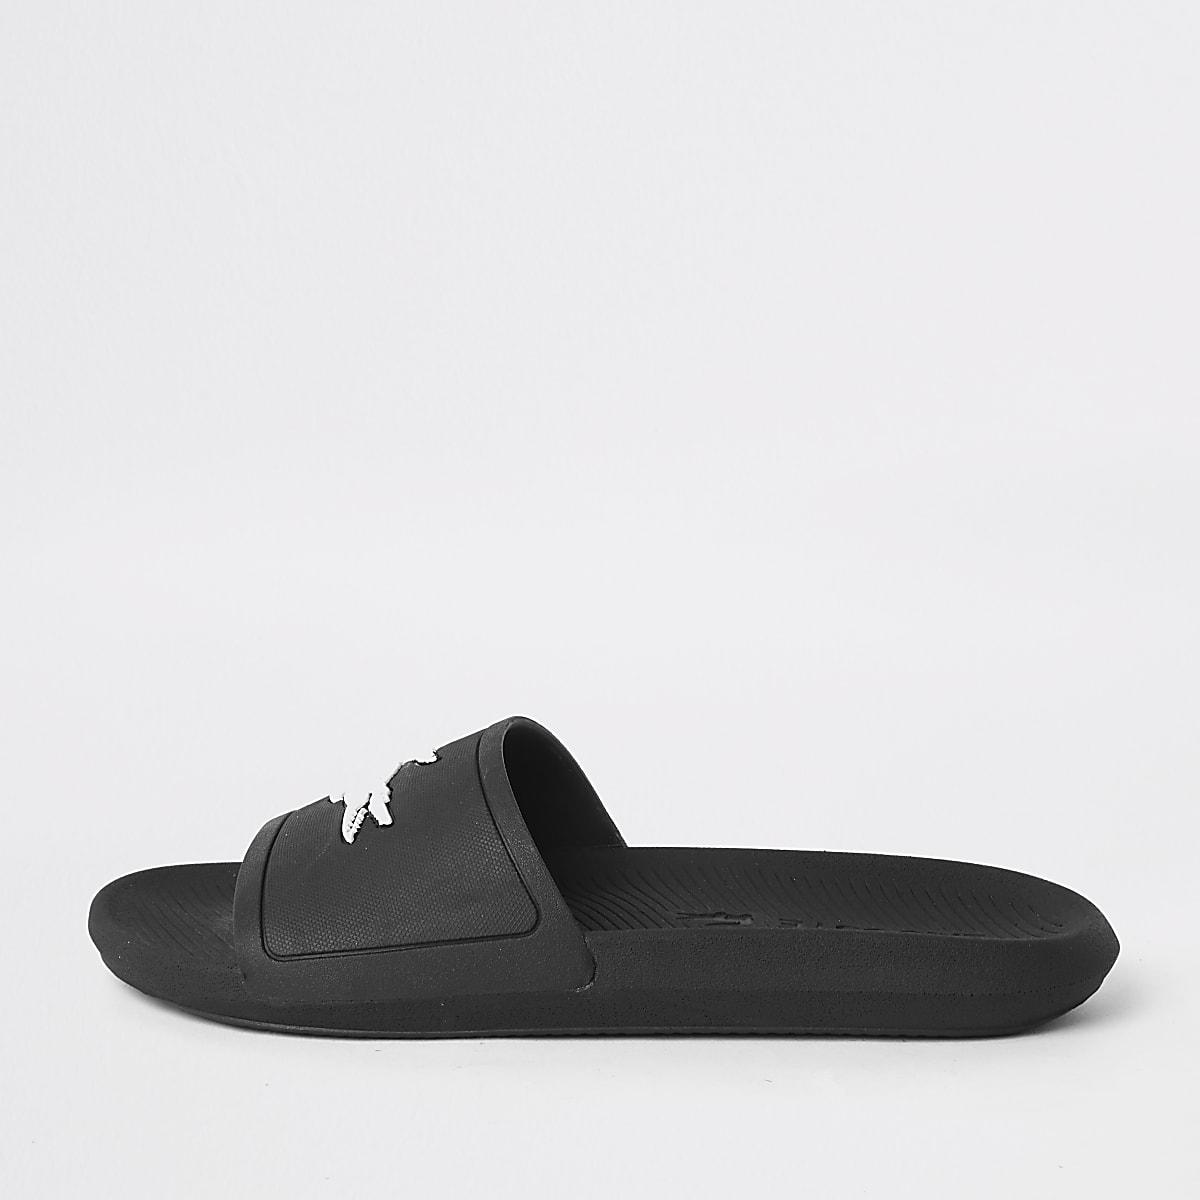 320d8a7de Lacoste black embossed sliders - Sandals   Flip flops - Shoes   Boots - men